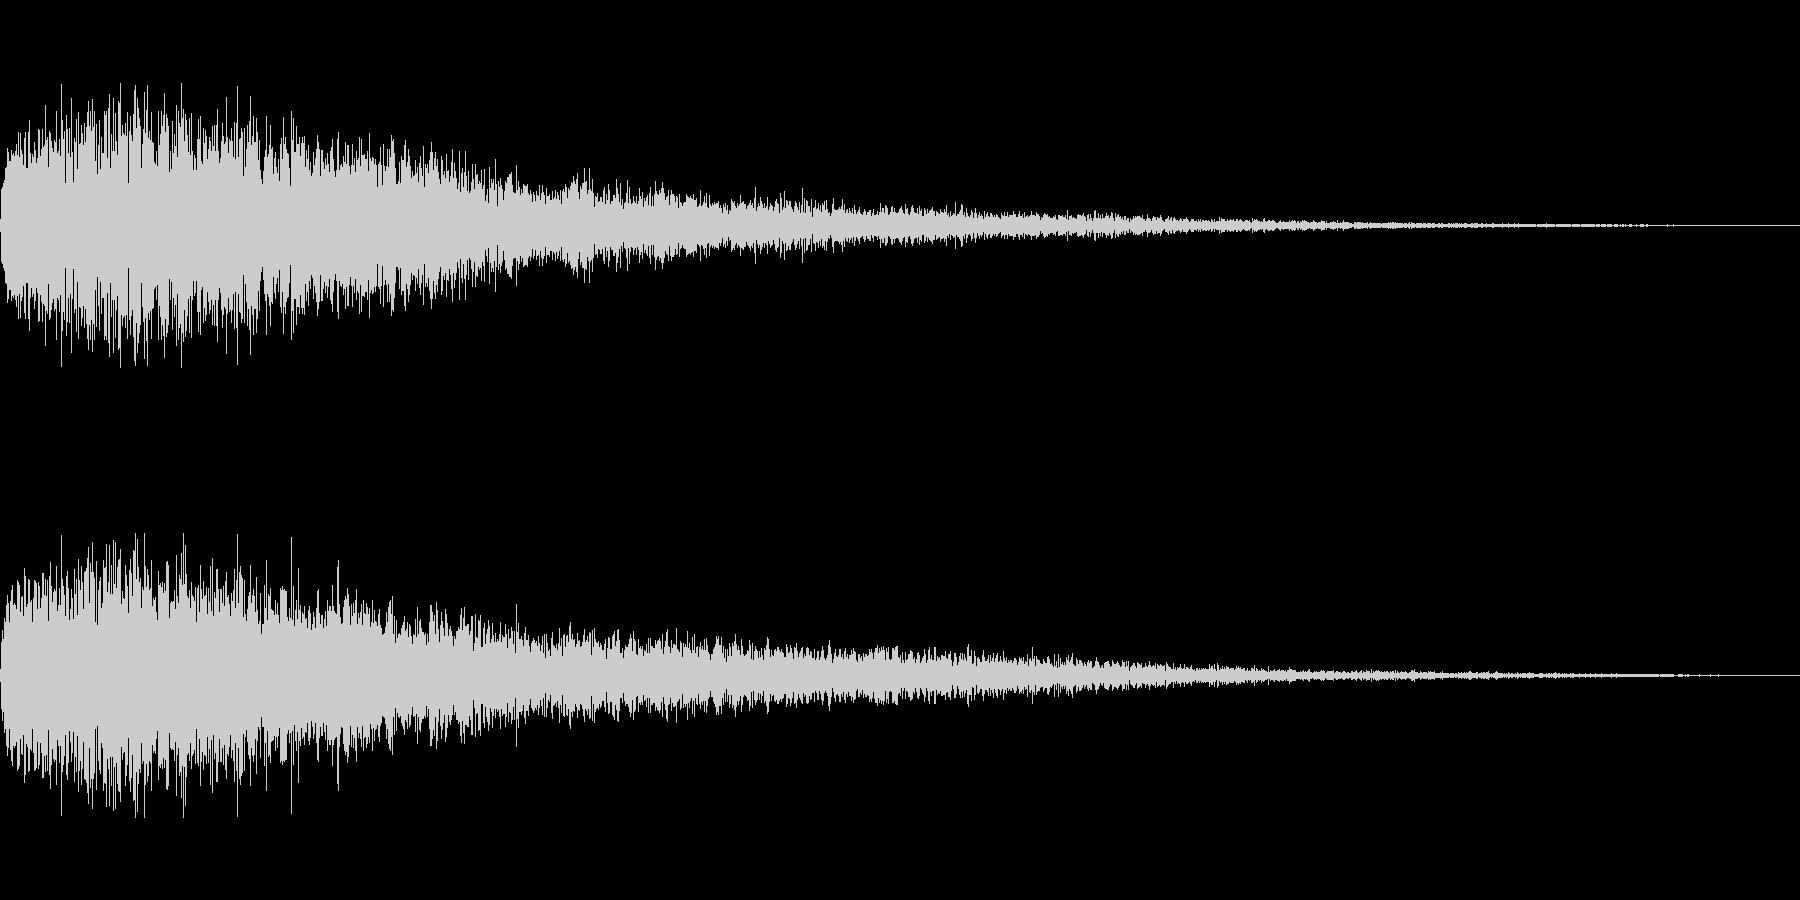 [ピュワーン]回復魔法・バフ(キラキラ)の未再生の波形